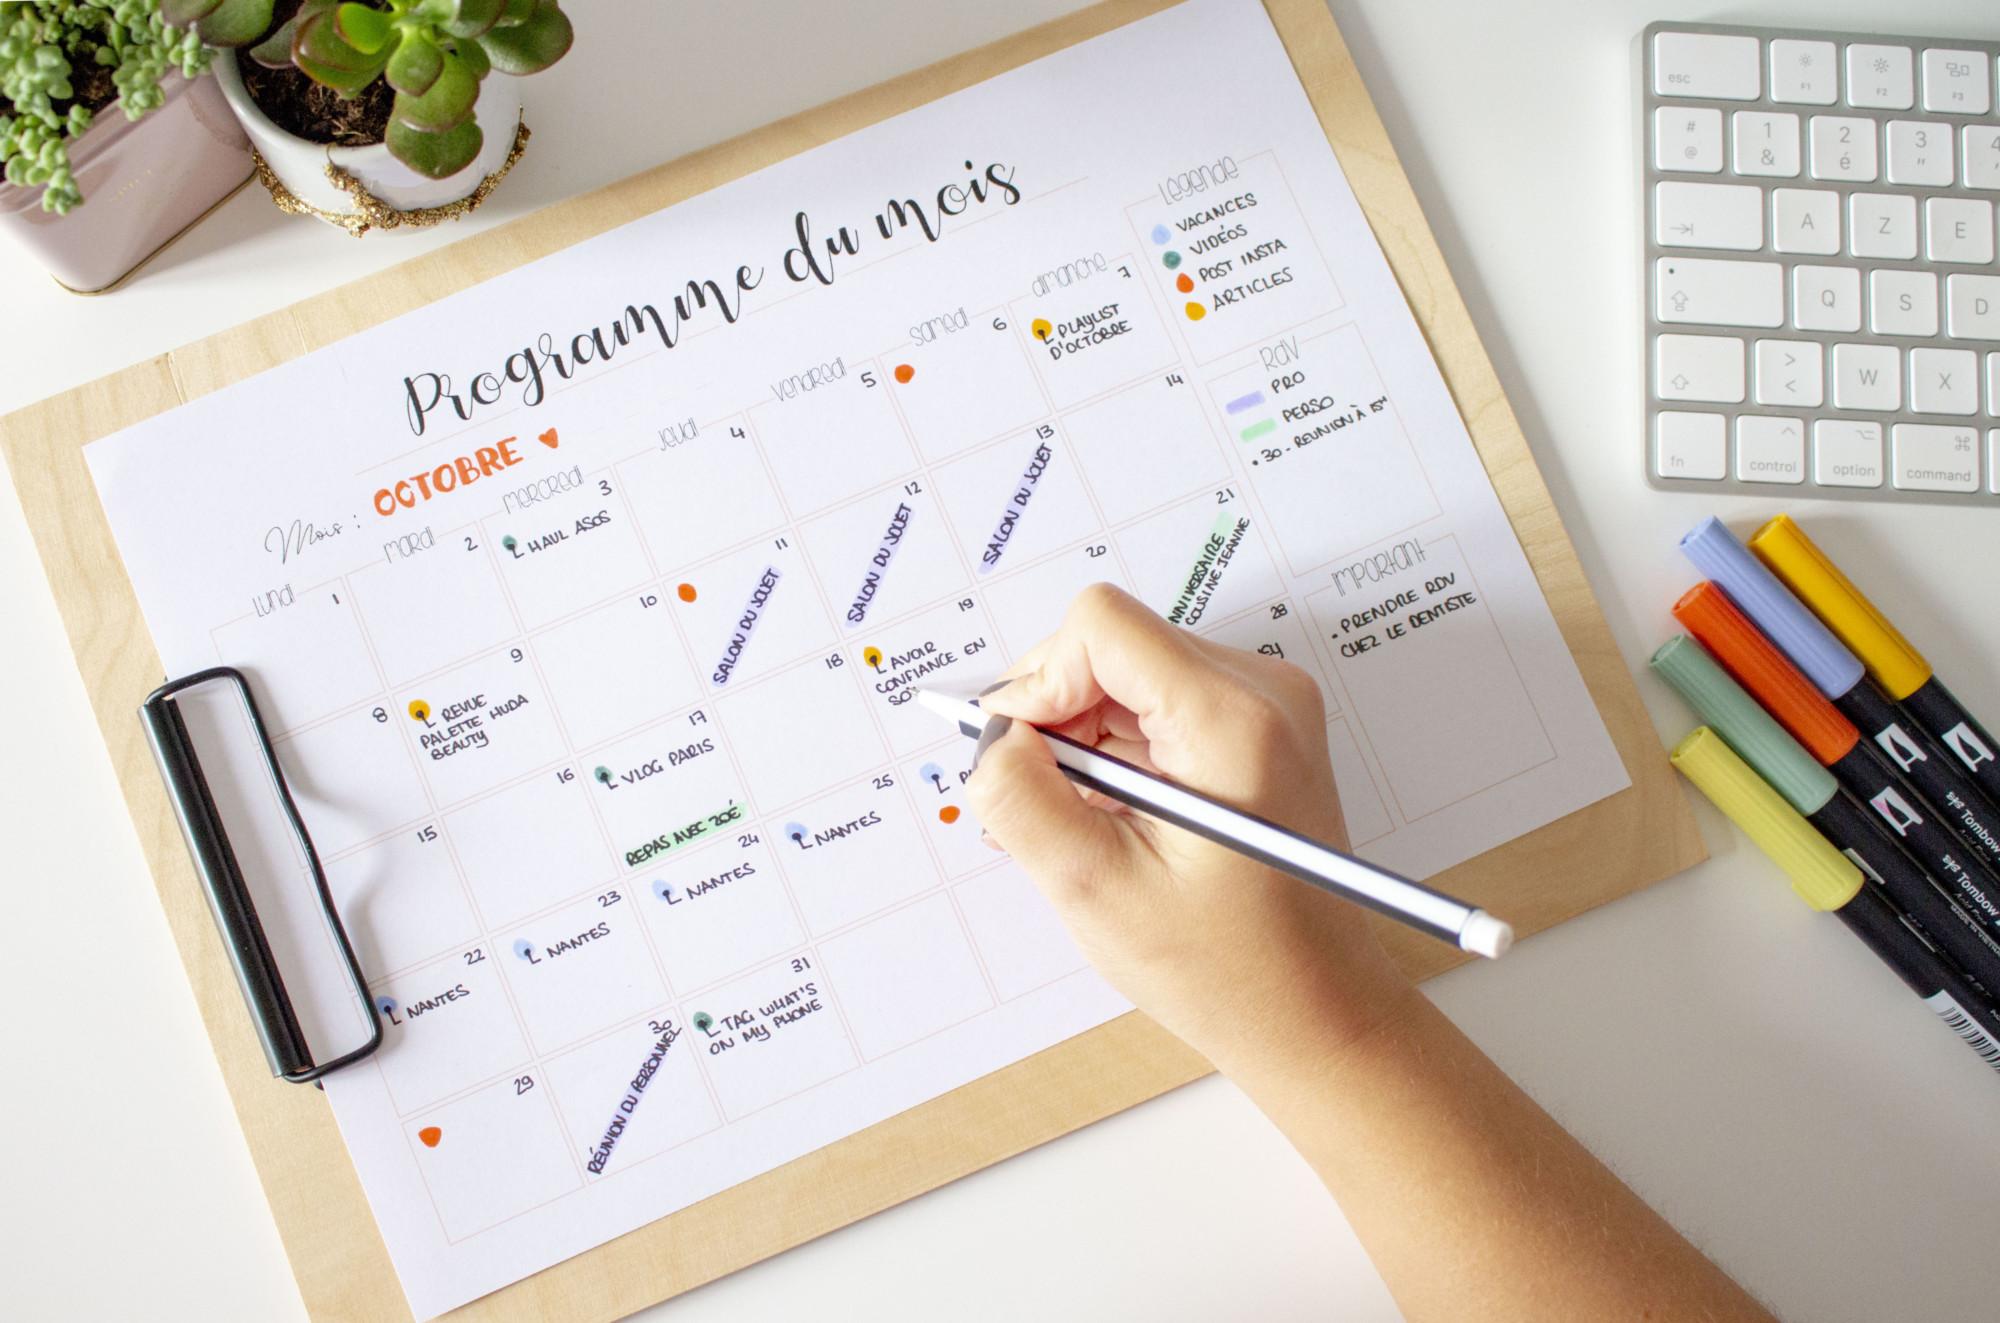 Calendrier Ludique A Imprimer 2020.Planners A Imprimer Pour S Organiser Au Quotidien Gratuit